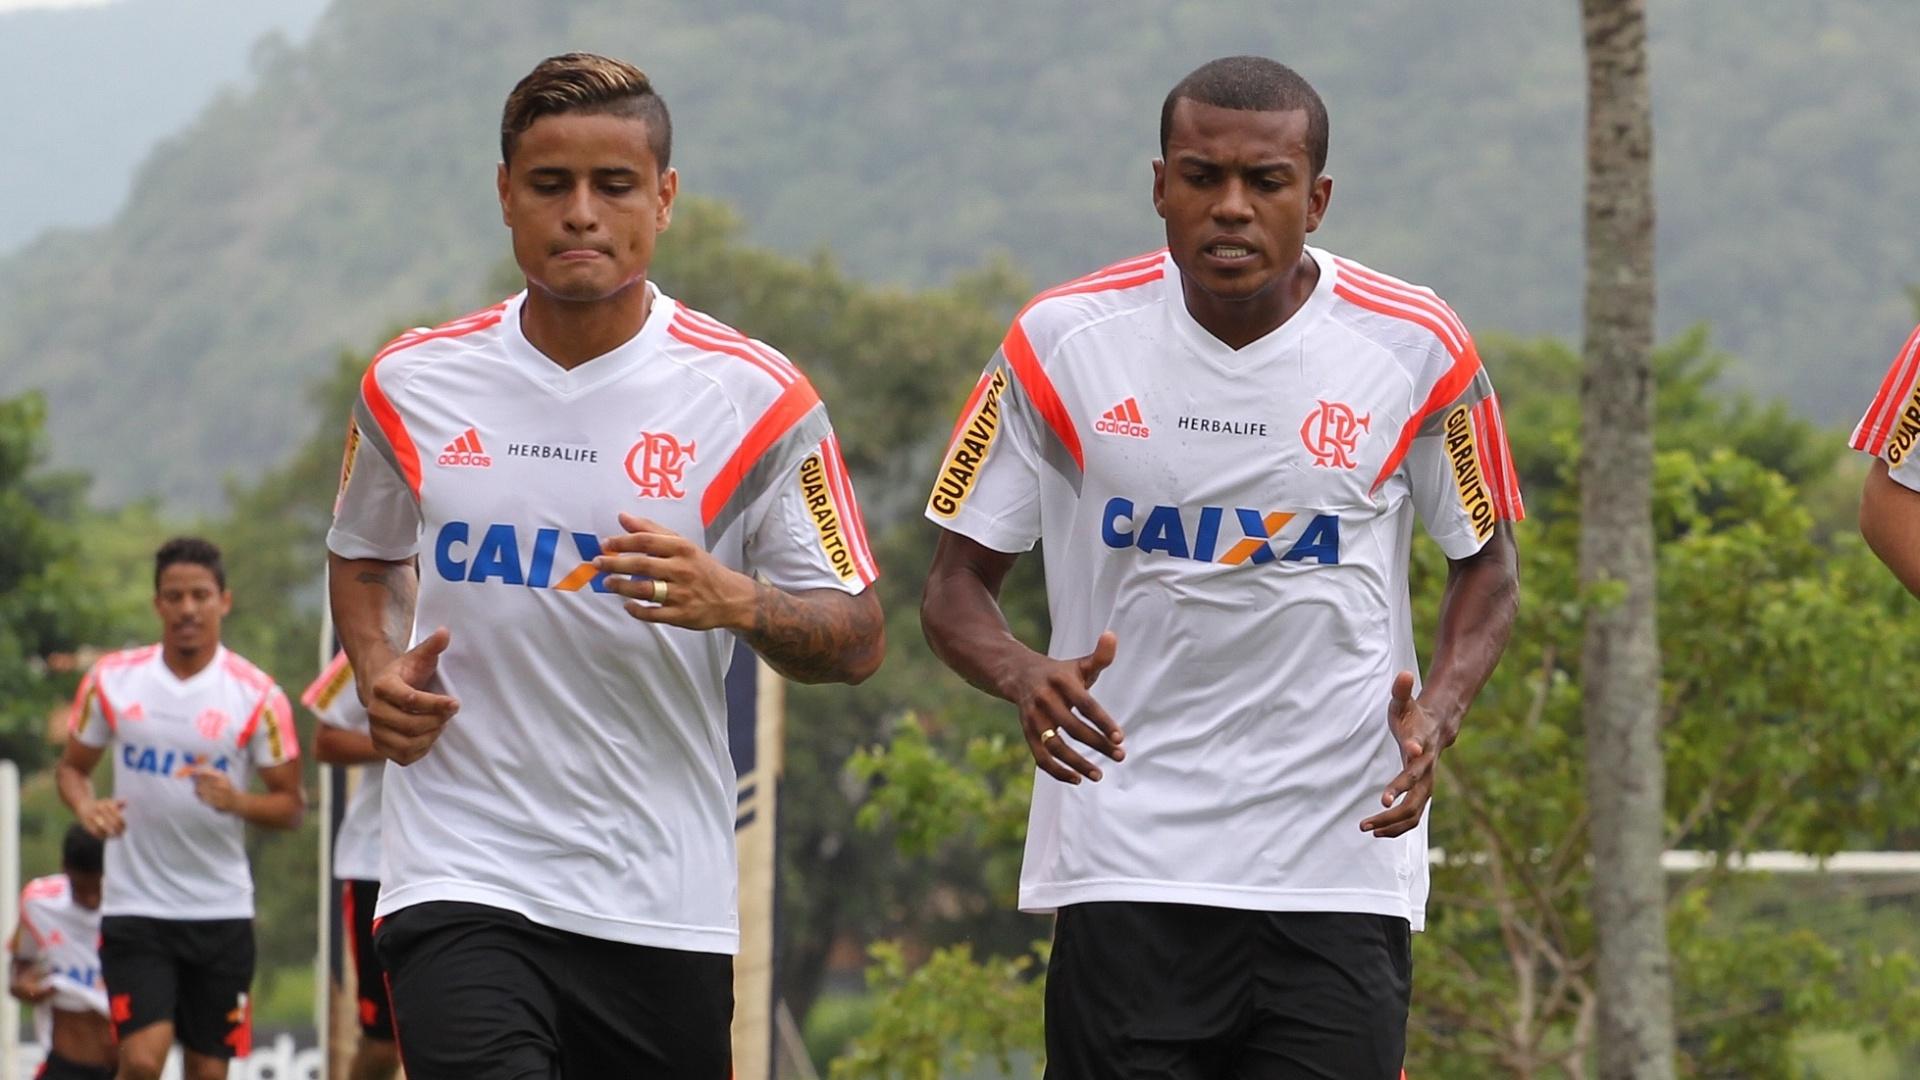 05 jan. 2015 - Éverton corre ao lado de Marcelo Cirino durante treinamento de pré-temporada do Fla